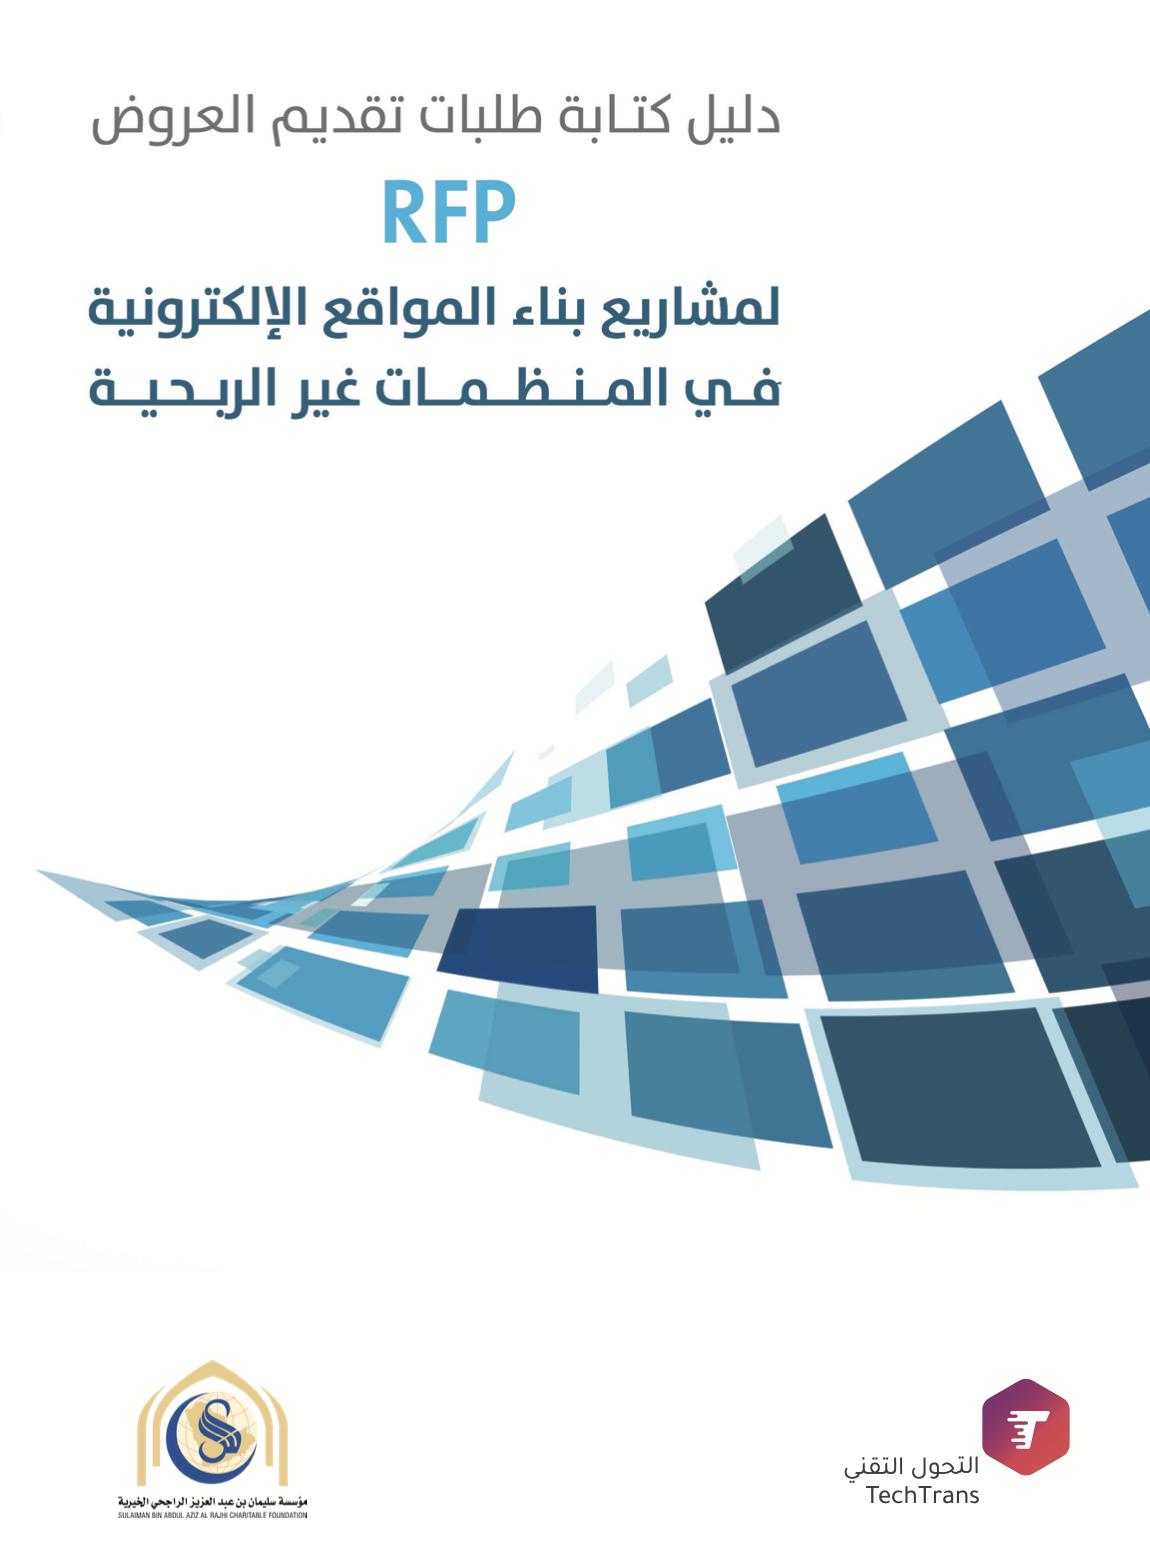 دليل كتابة طلبات تقديم العروض RFP لمشاريع بناء المواقع الإلكترونية في المنظمات غير الربحية